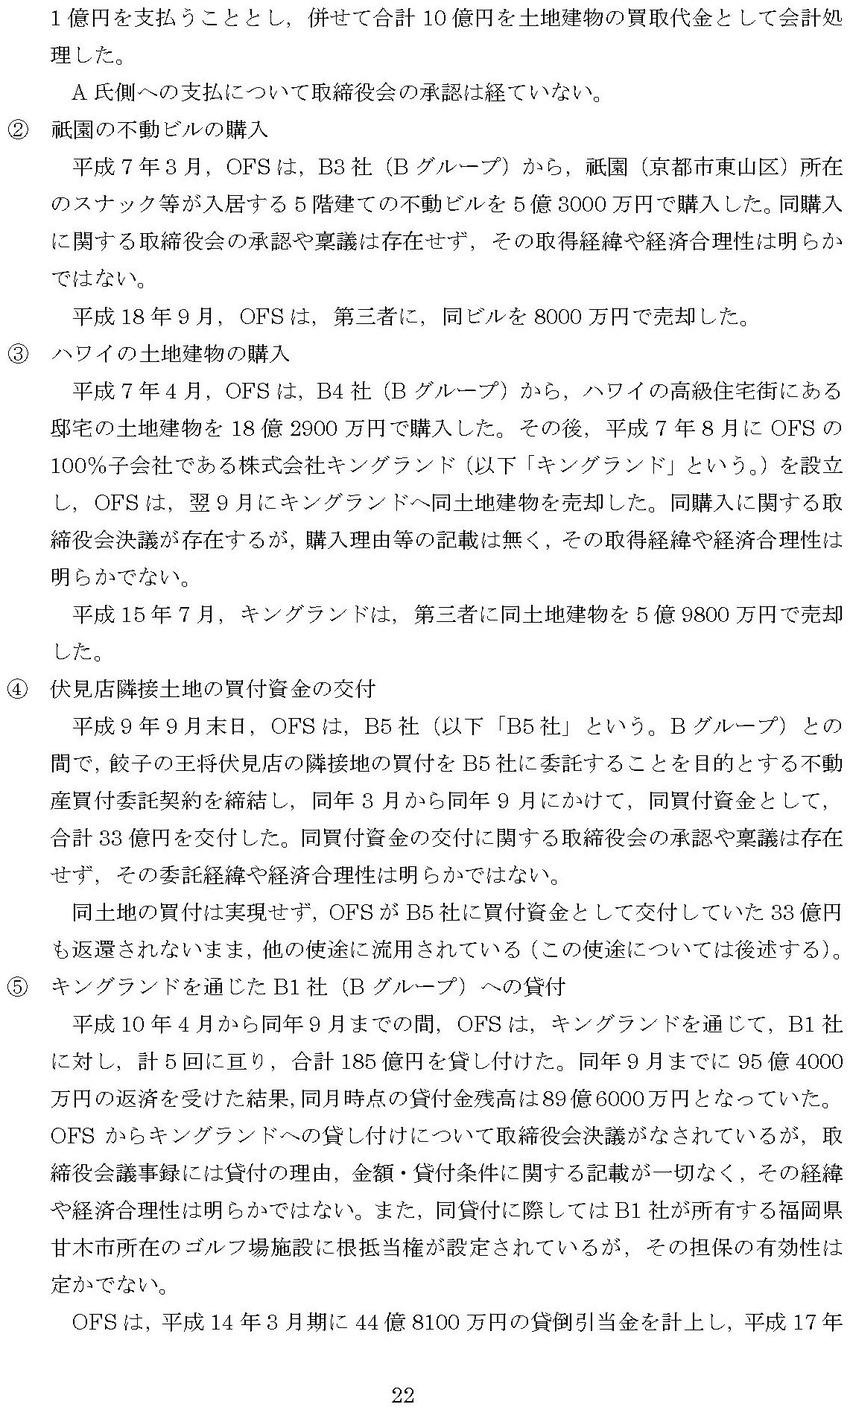 29_1_ページ_030_1